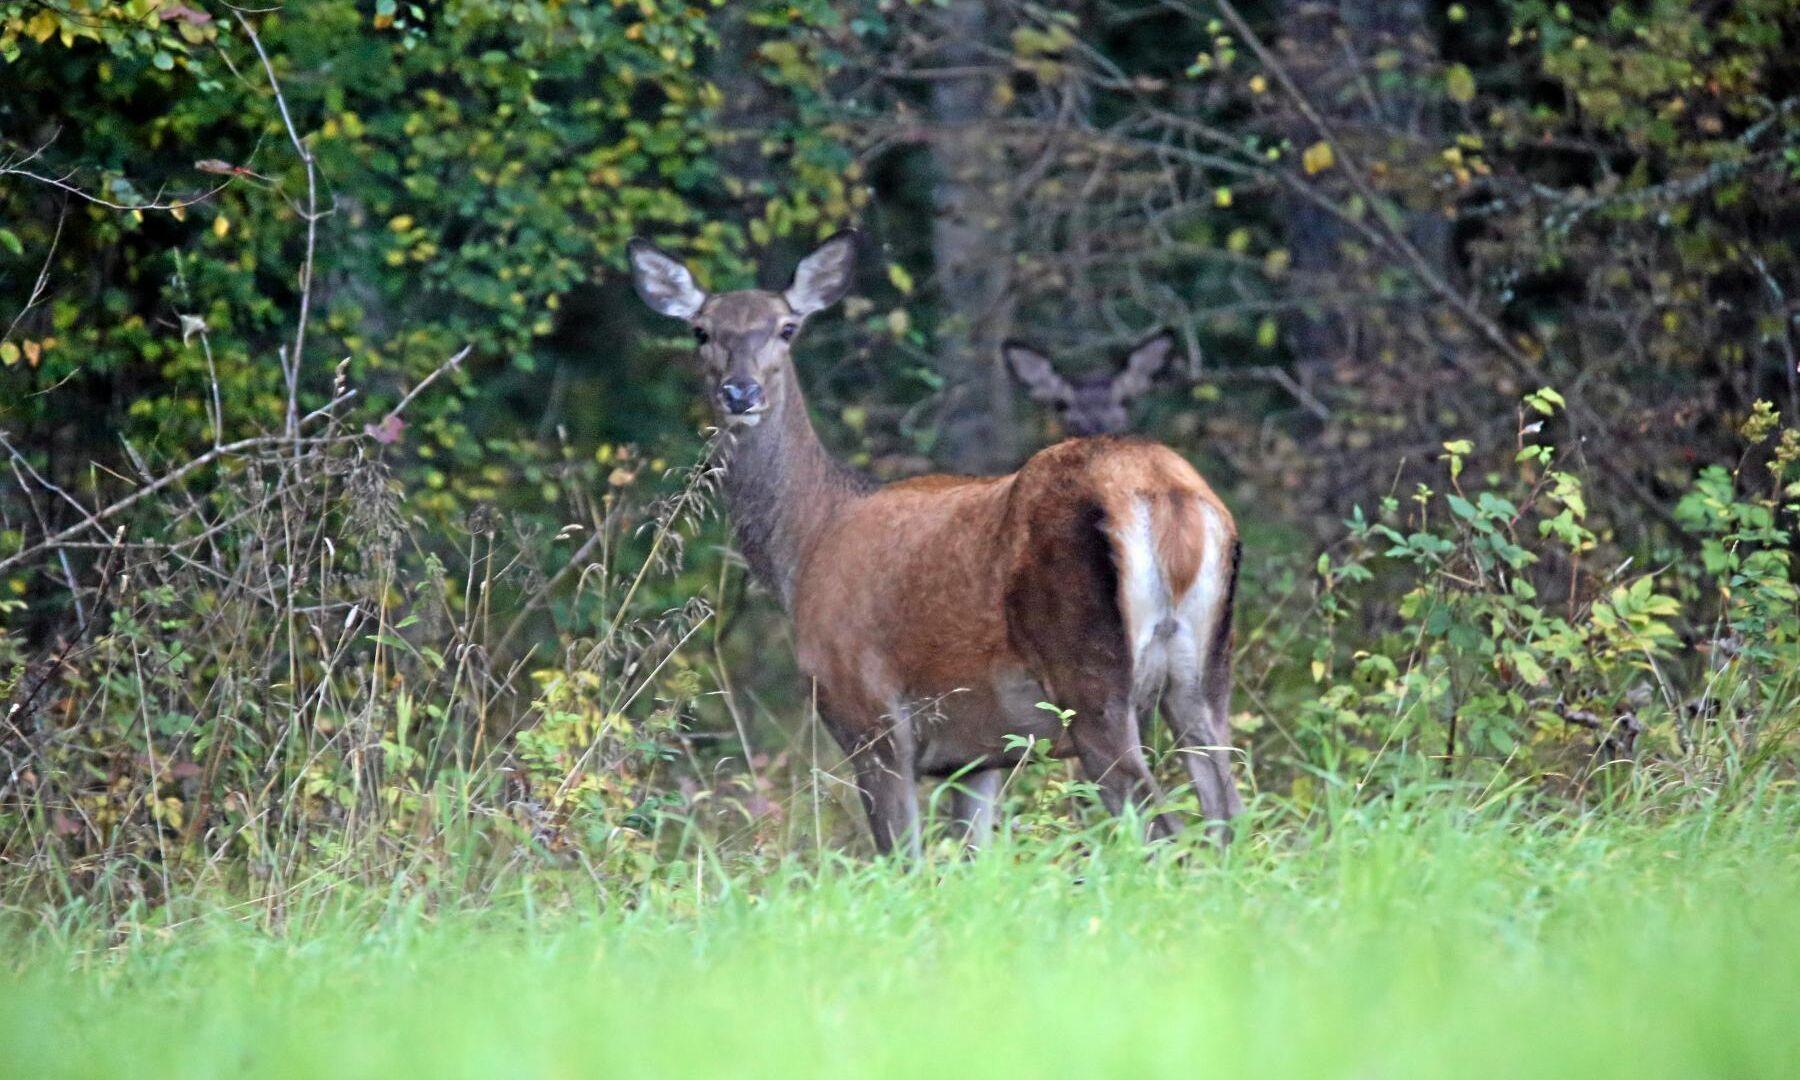 Efter årsskiftet blir det tillåtet med skyddsjakt på kron- och dovhjort som befinner sig på fält med oskördade grödor eller på skogsplanteringar.